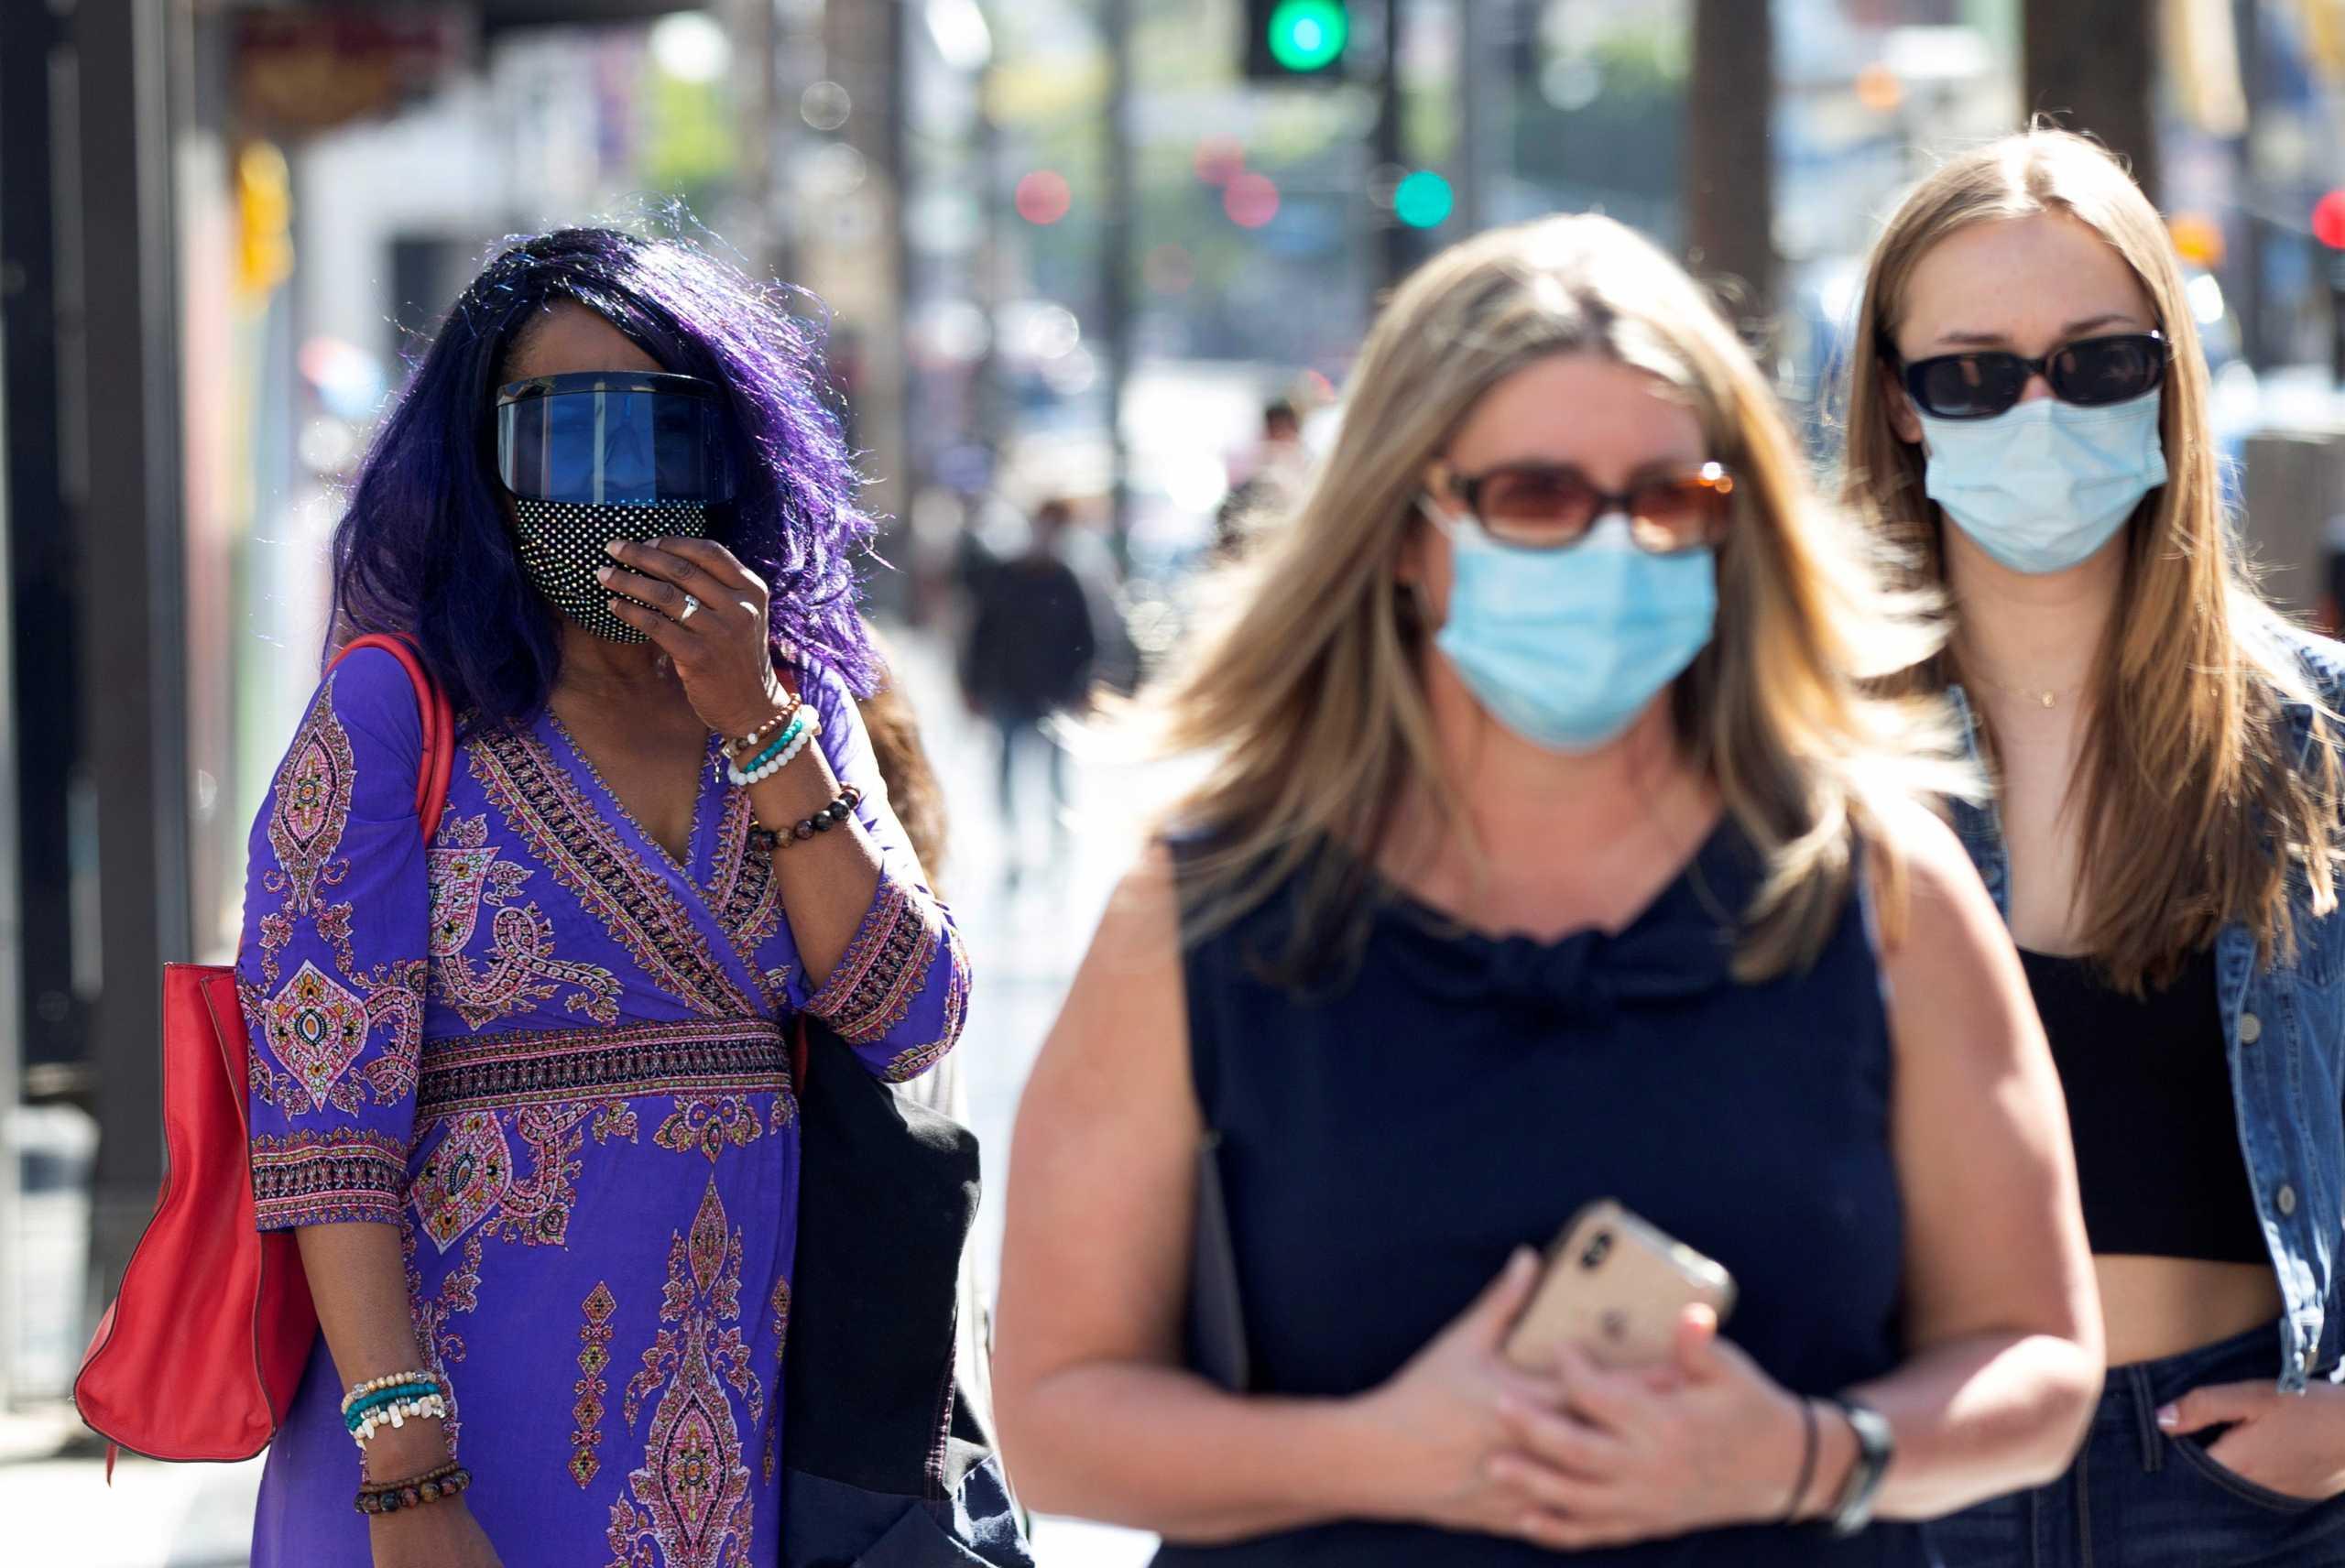 Λος Άντζελες: Επιστρέφει η υποχρεωτική χρήση μάσκας παντού